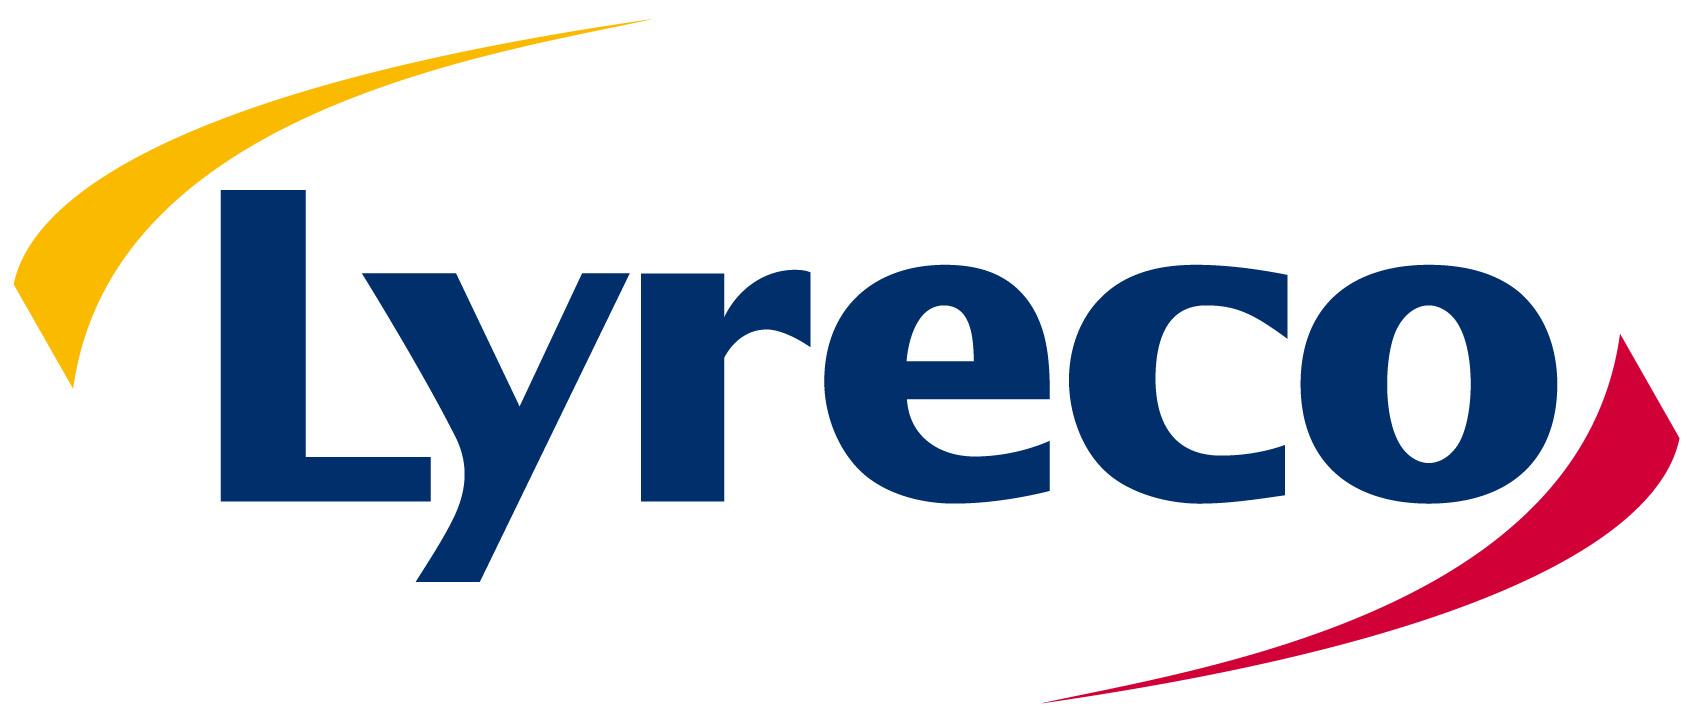 Lyreco